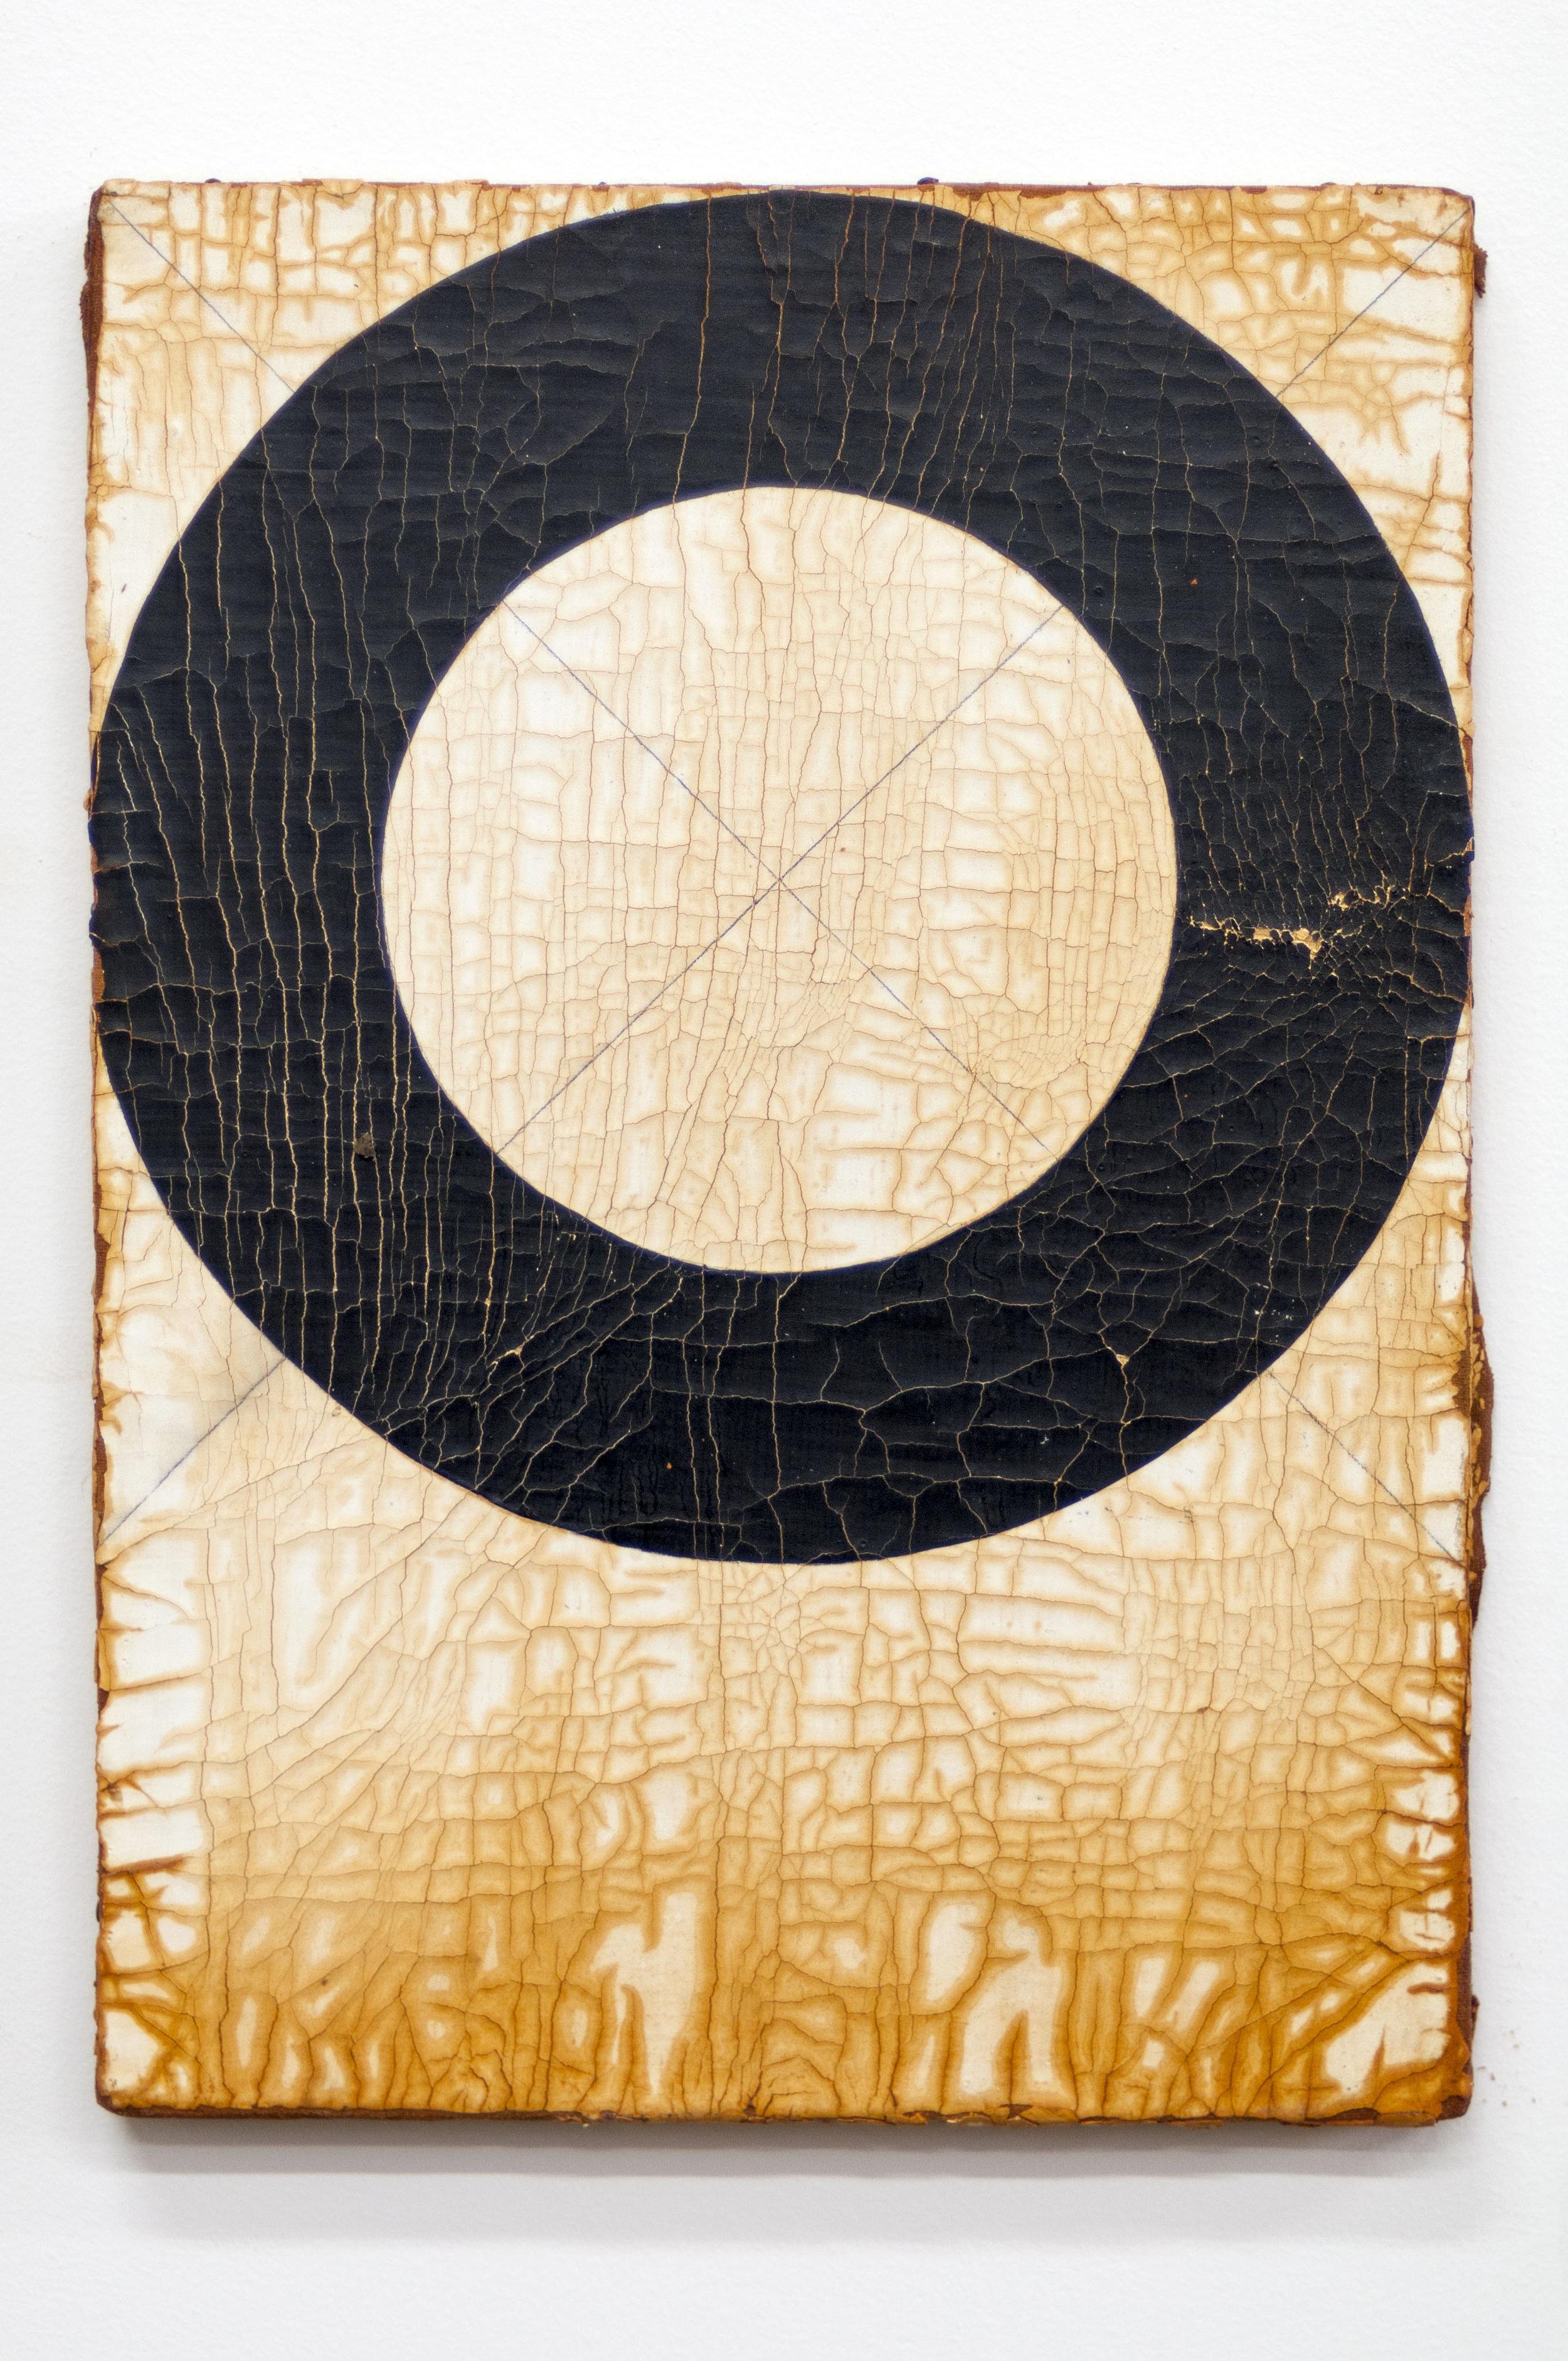 Dan Levenson  Fabia Wismann , 2016 oil on linen 42 x 28 cm 16 17/32 x 11 1/32 in